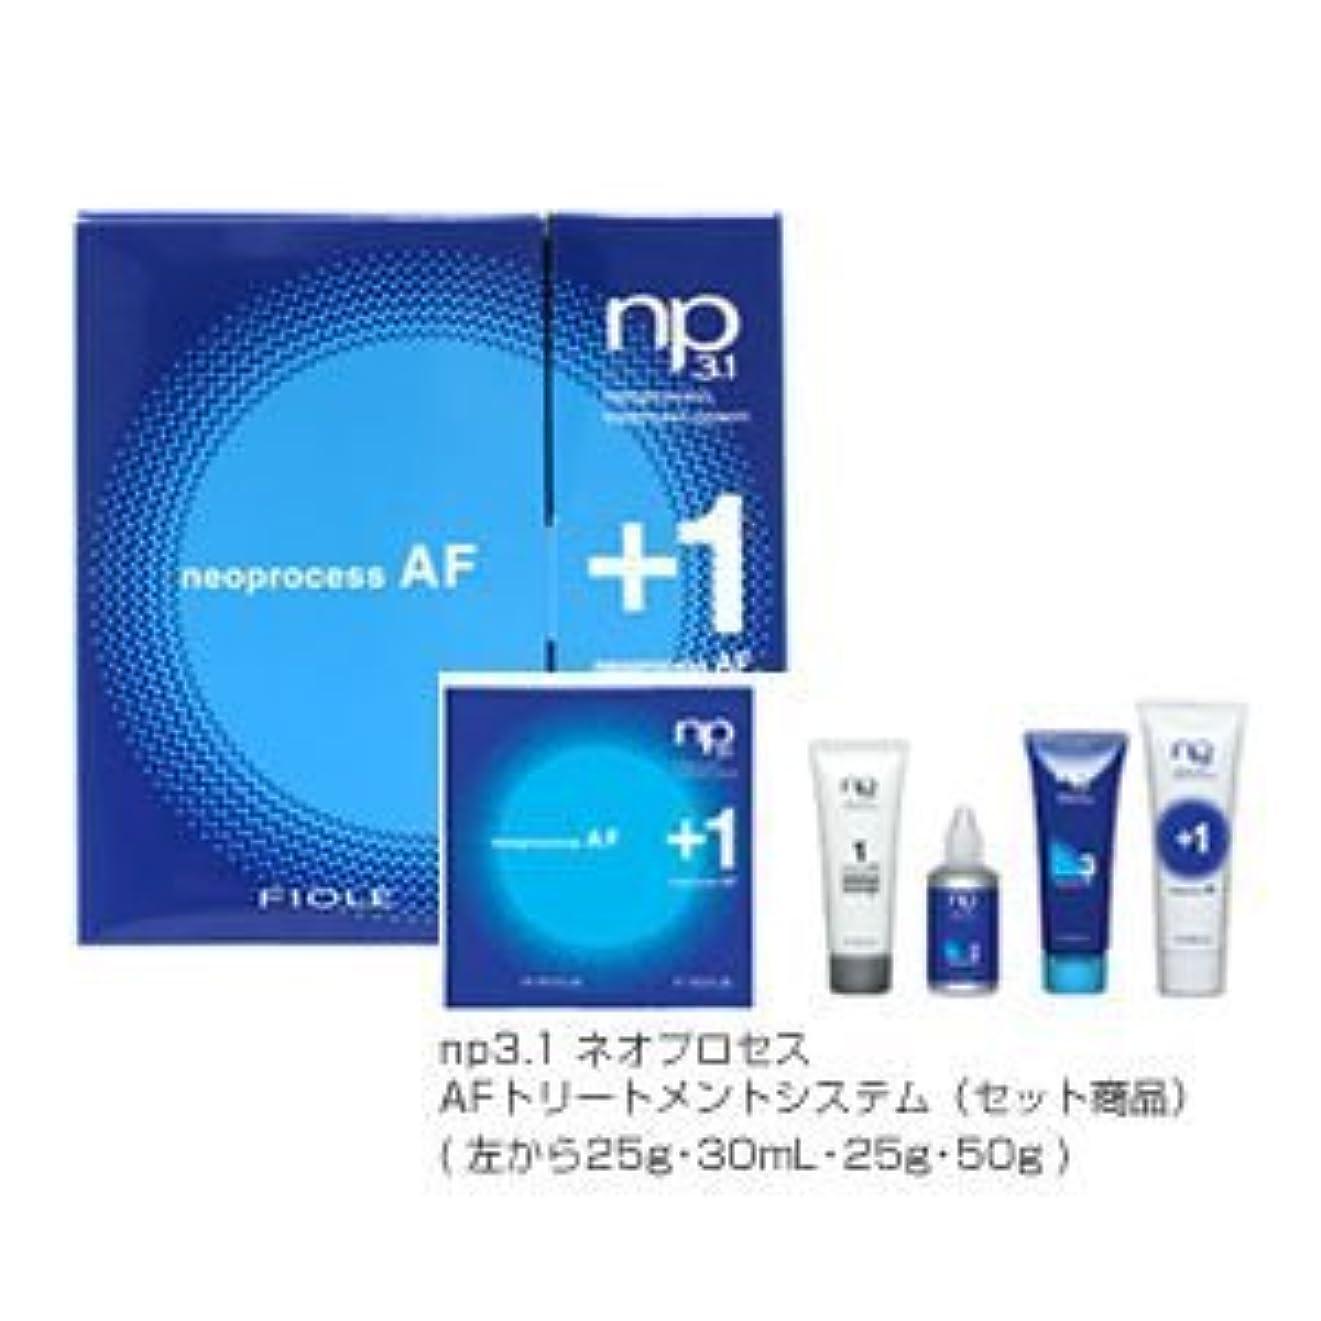 著者手コマンドフィヨーレ np3.1 ネオプロセス AFトリートメントシステム(セット商品)